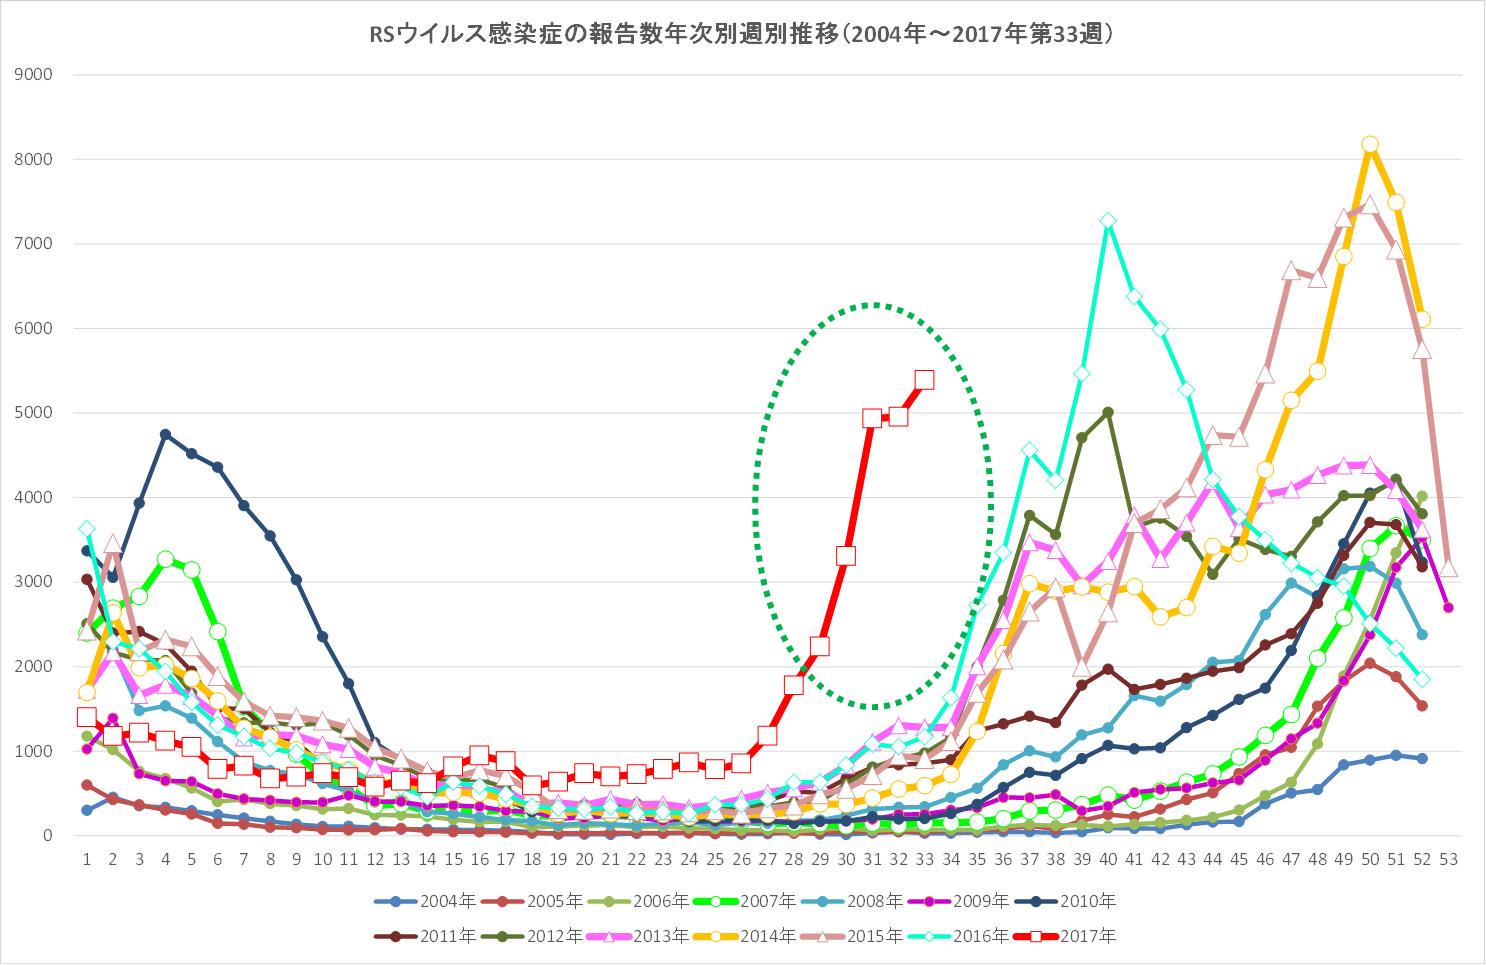 図.RSウイルス感染症流行の様子<br />情報元:IDWR2017年第33週(2017年8月14日〜2017年8月20日)